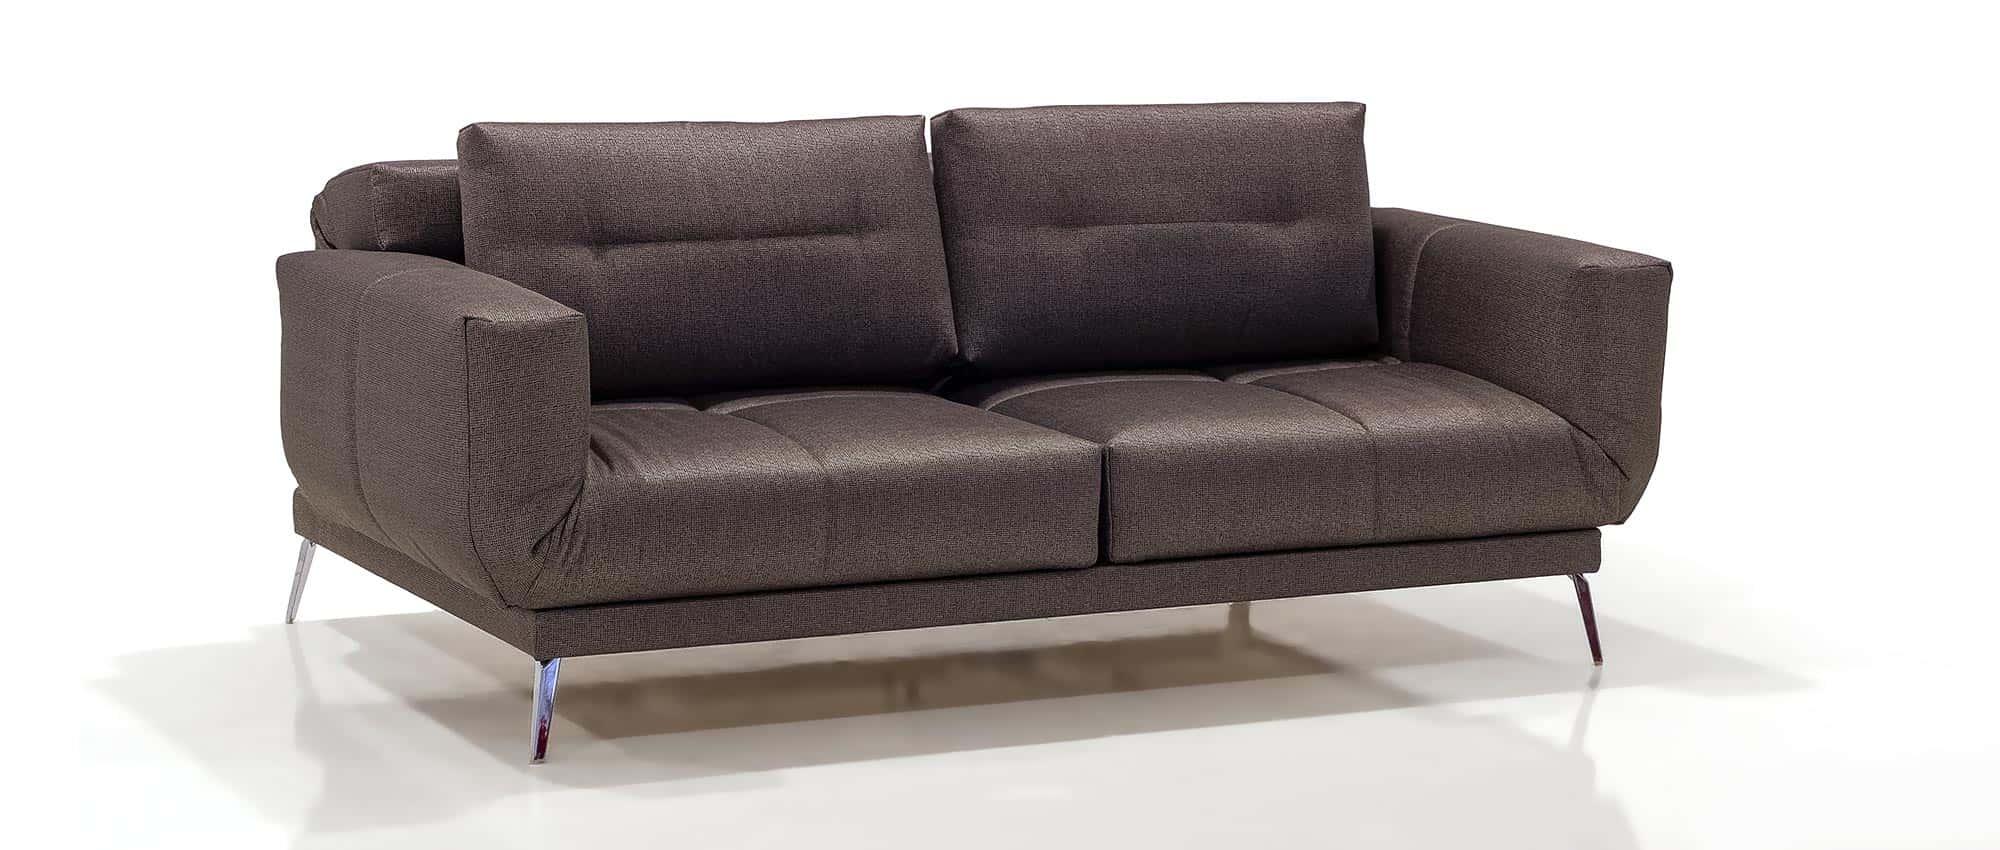 LETTO Schlafsofa von Franz Fertig in Leder braun. Weitere Leder und Stofffarben sind möglich. Gästebett für 2 Personen. Multifunktionales Sofa.